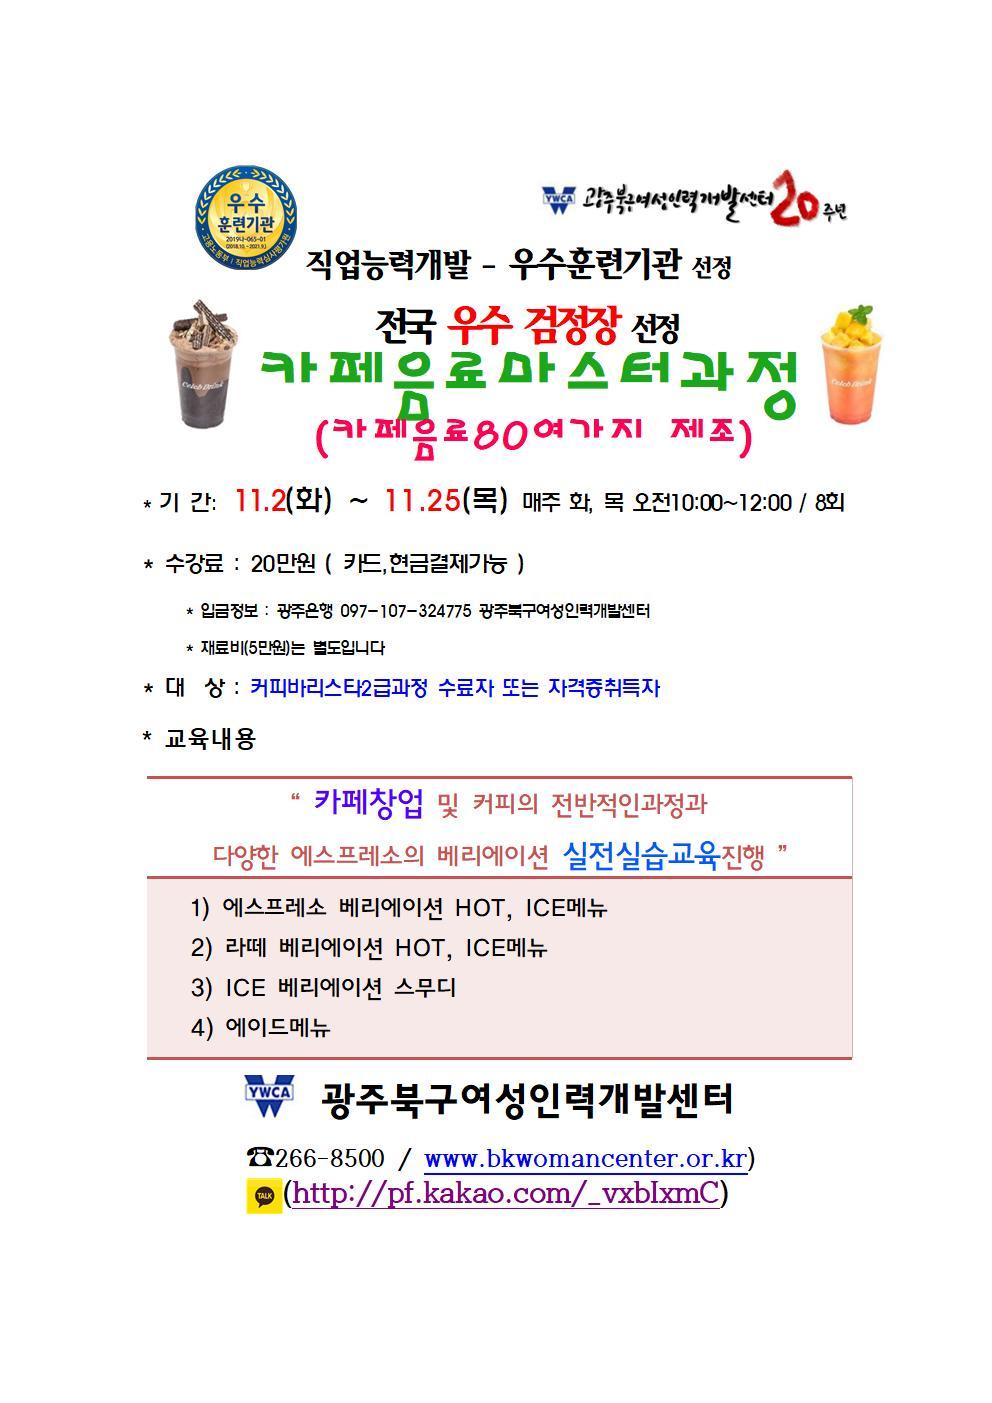 카페음료마스터과정(21